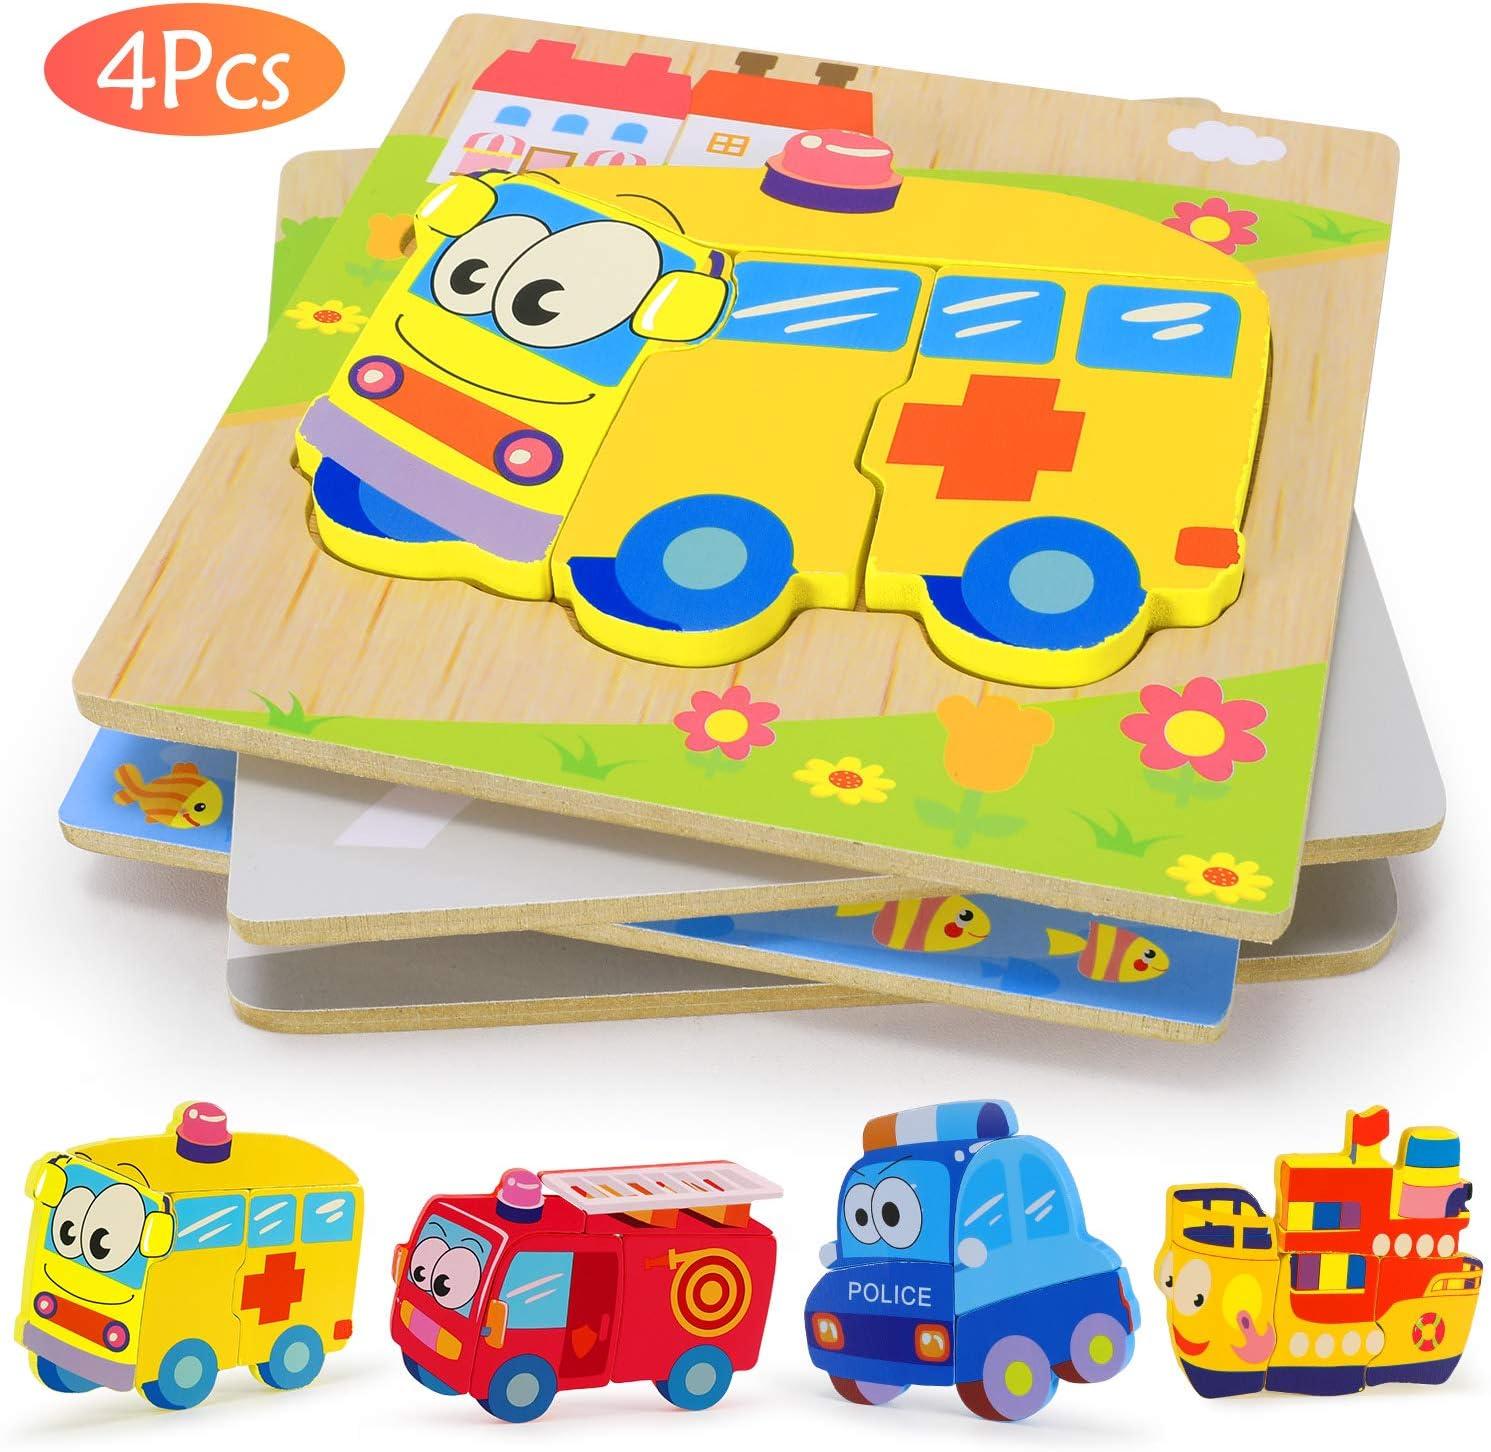 XDDIAS Puzzles de Madera Educativos, Juguetes Montessori para Bebé niños 1 2 3 4 5 6 años, Preescolar Juguetes Regalos, Regalo de cumpleaños, Navidad (4 Piezas)